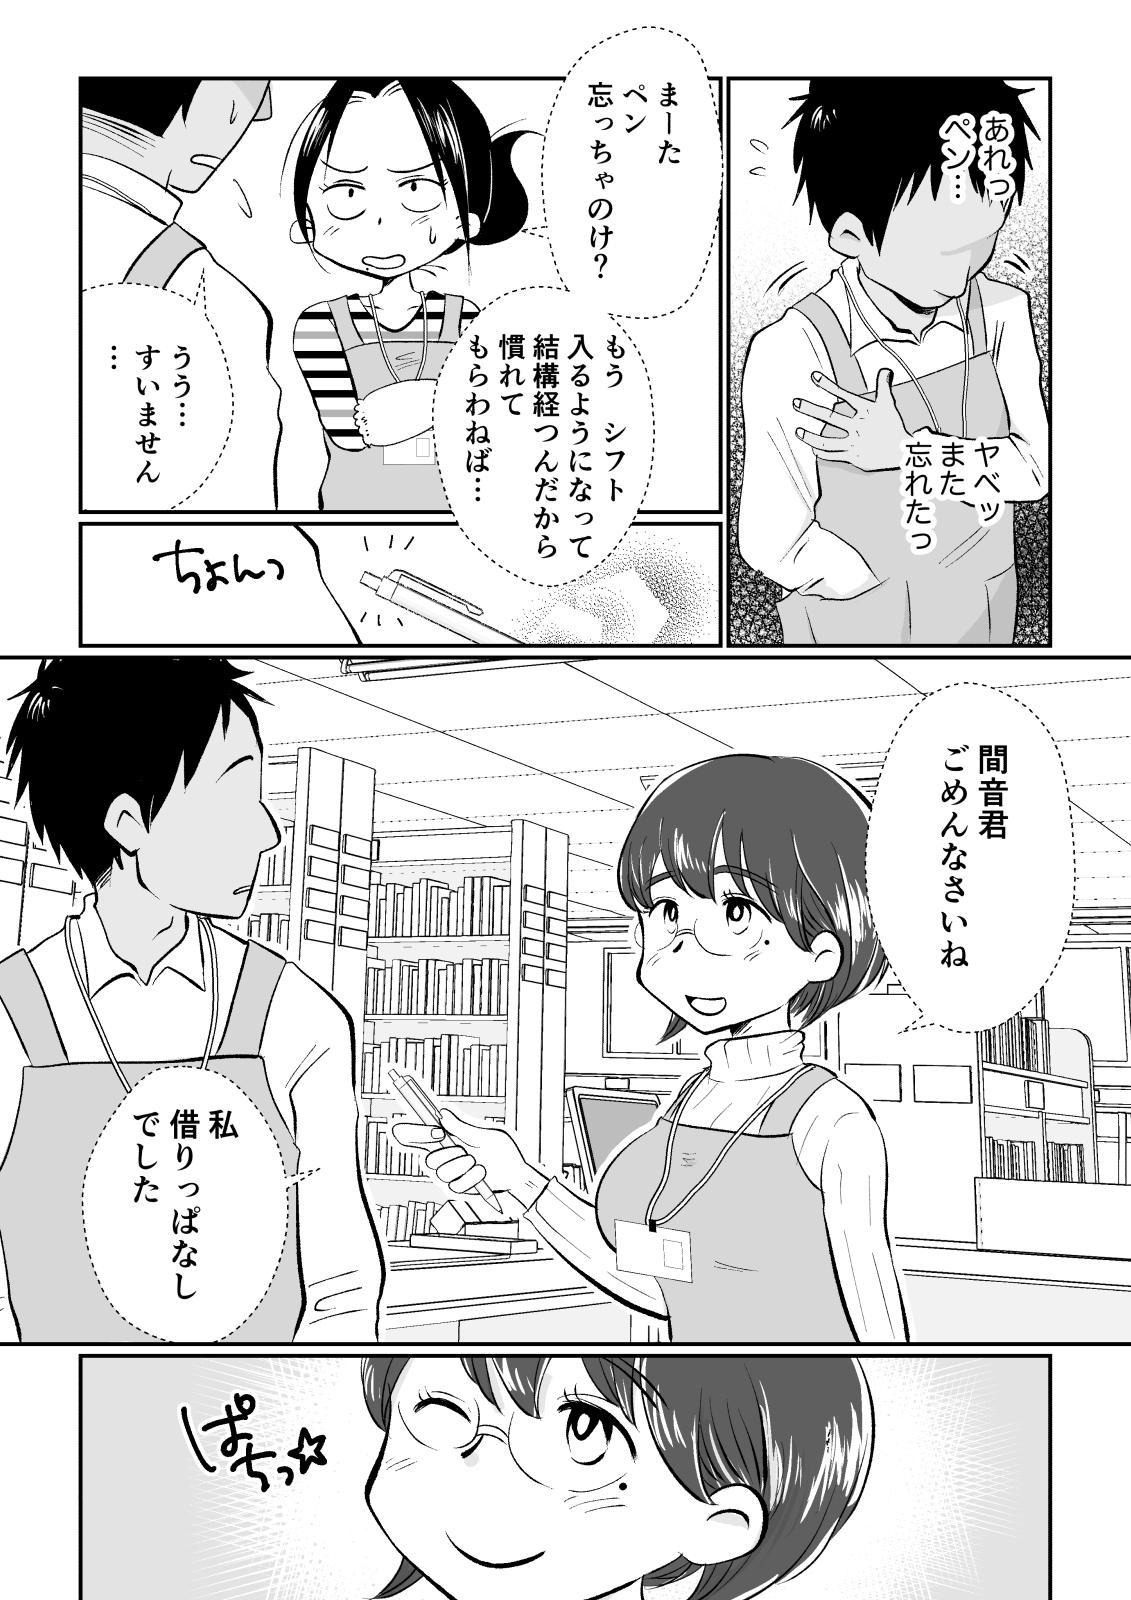 [Megitsune Works] Wakazuma-san wa Yokkyuu Fuman! Akogare no Shisho no Wakazuma-san ga Gakusei Beit no Boku no Fudeoroshi o Shite kuremashita. 4